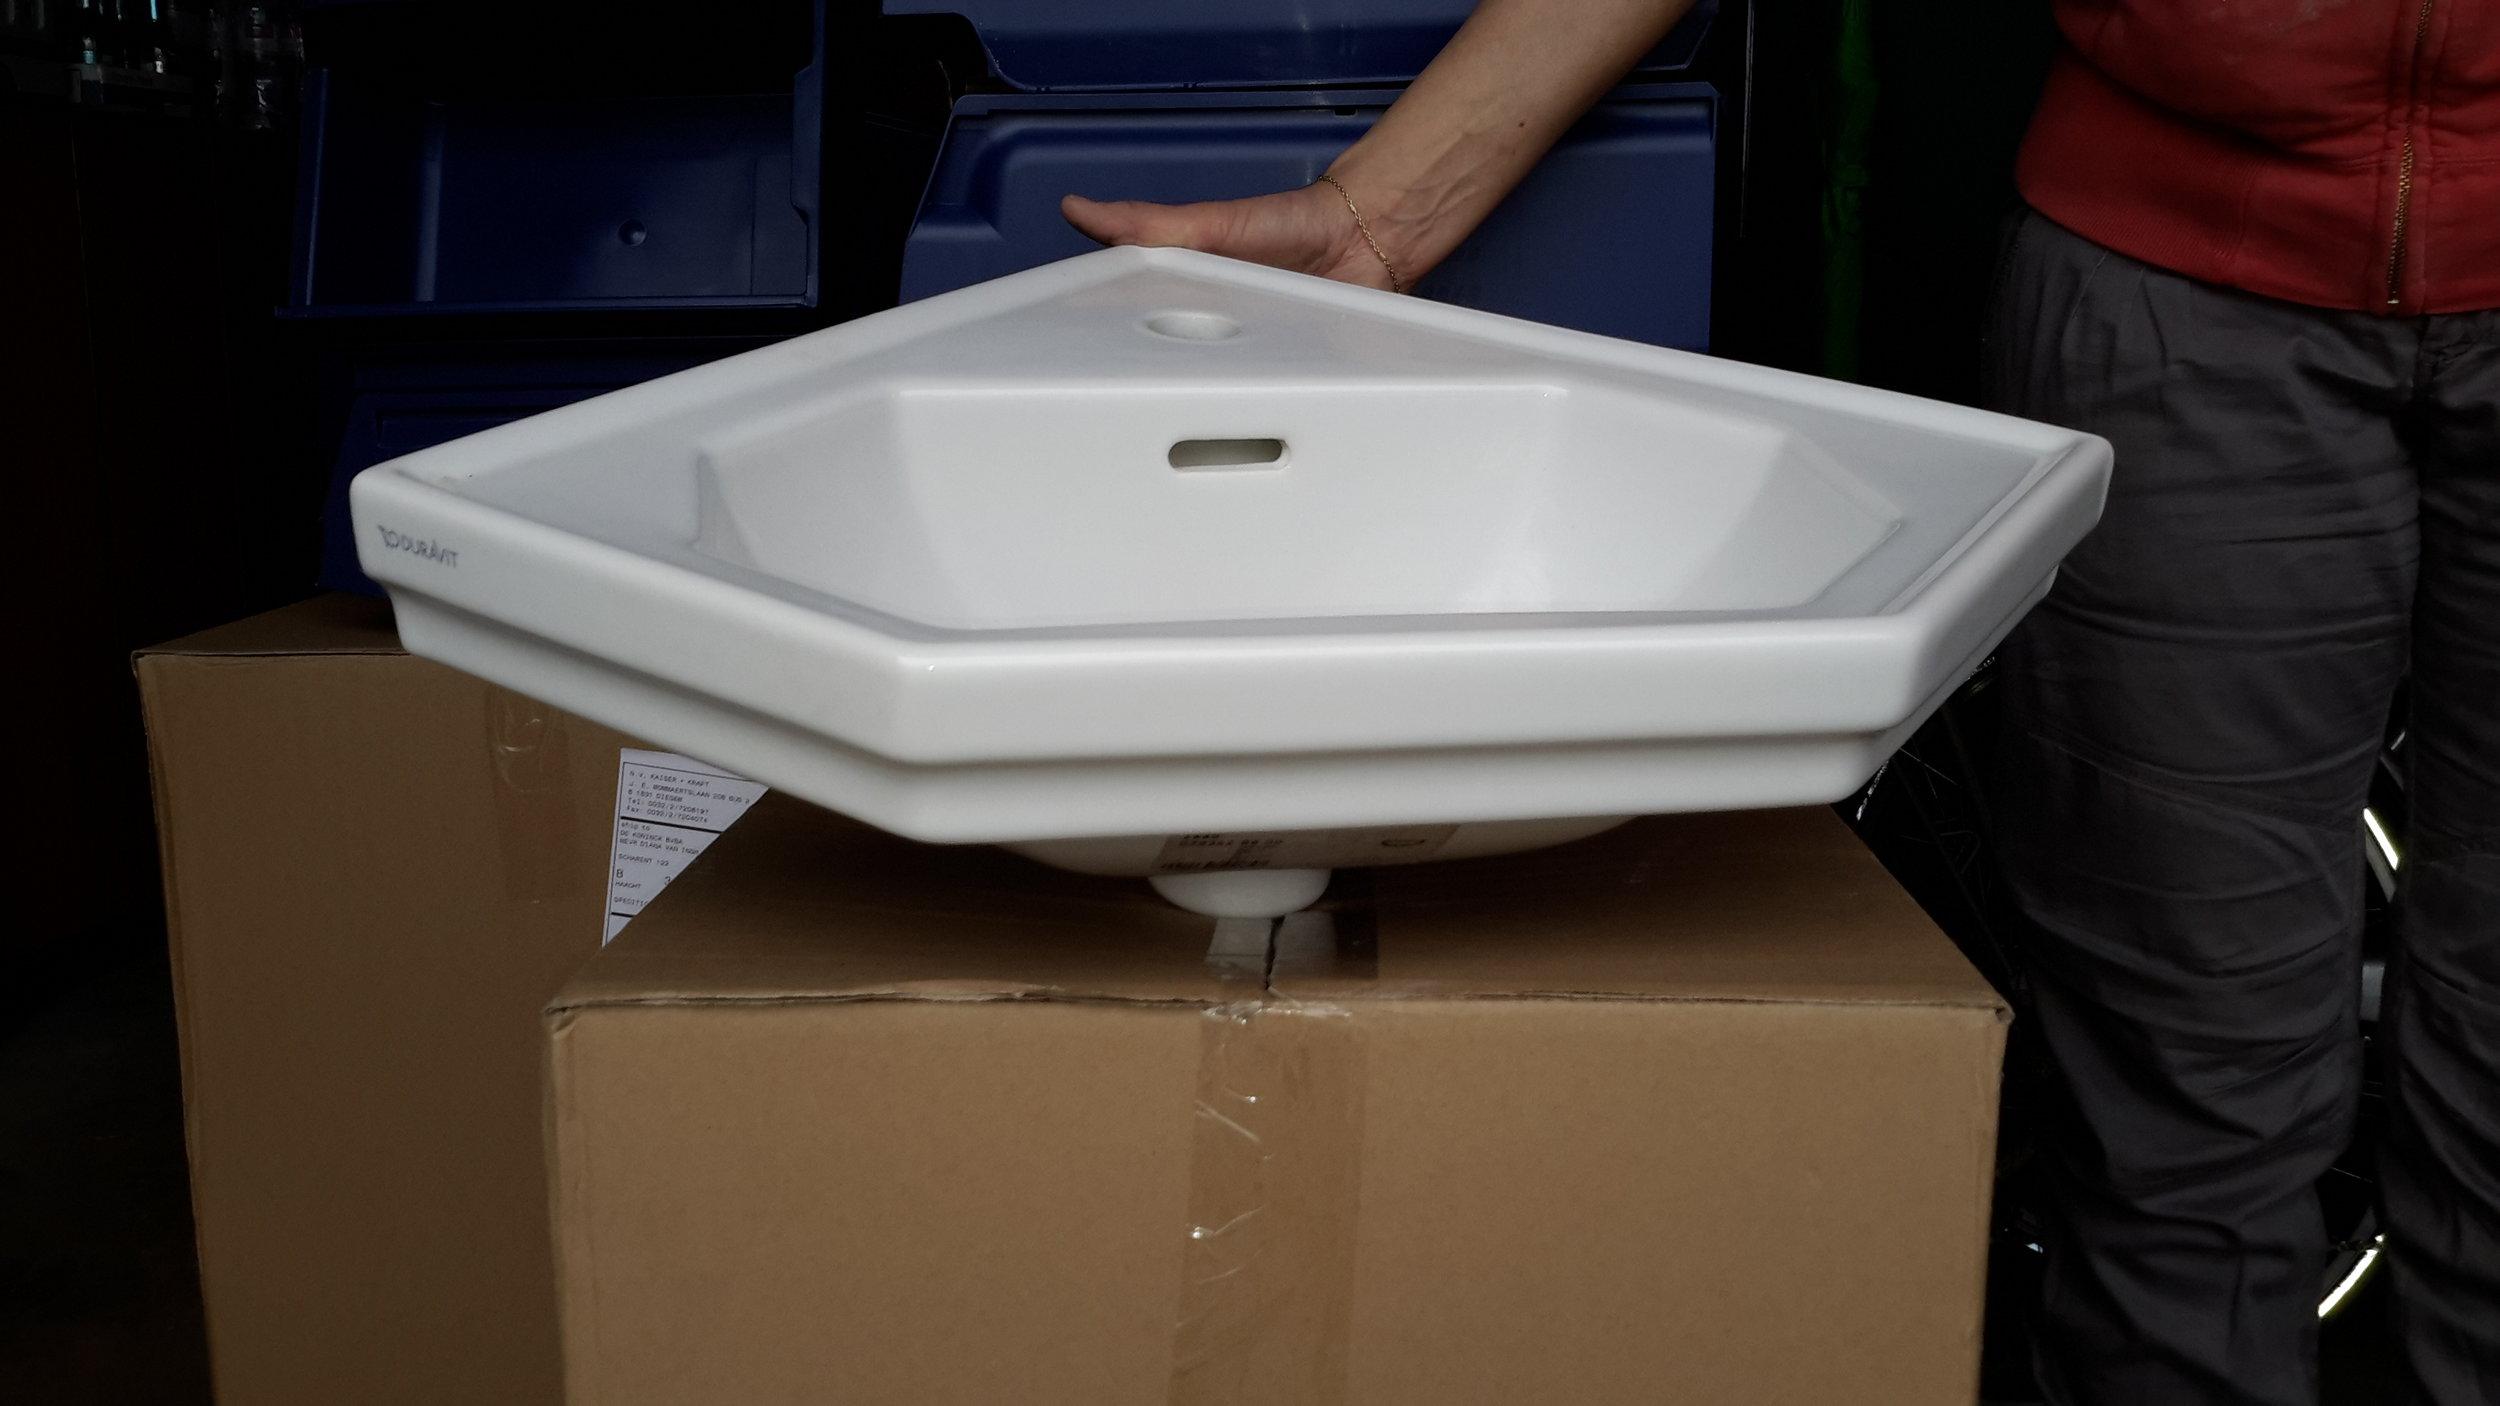 lavabo-Duravit-hoek-wit porcelein.jpg